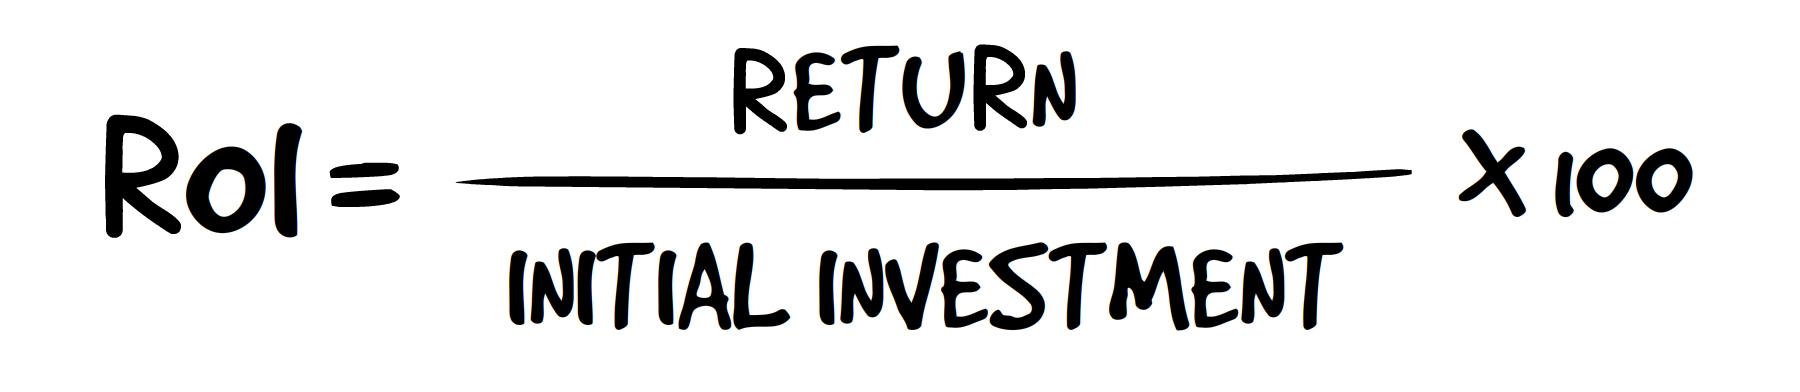 ROI investing